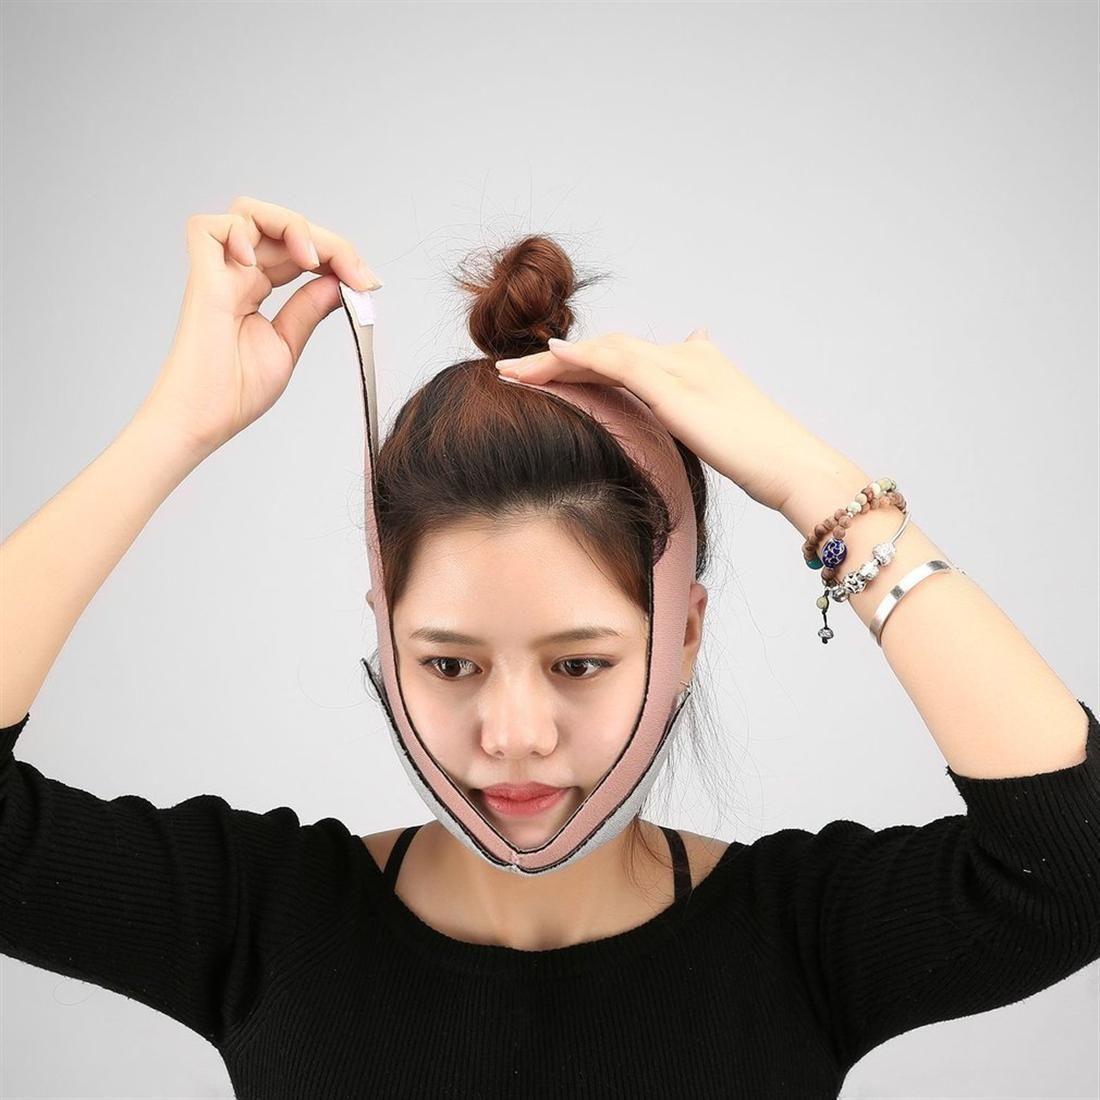 Yüz Maskesi Yüz Zayıflama Bandaj Yüz Masajı Çene Yanak V Yüz Germe Ince Kemer Ince Maske Masaj